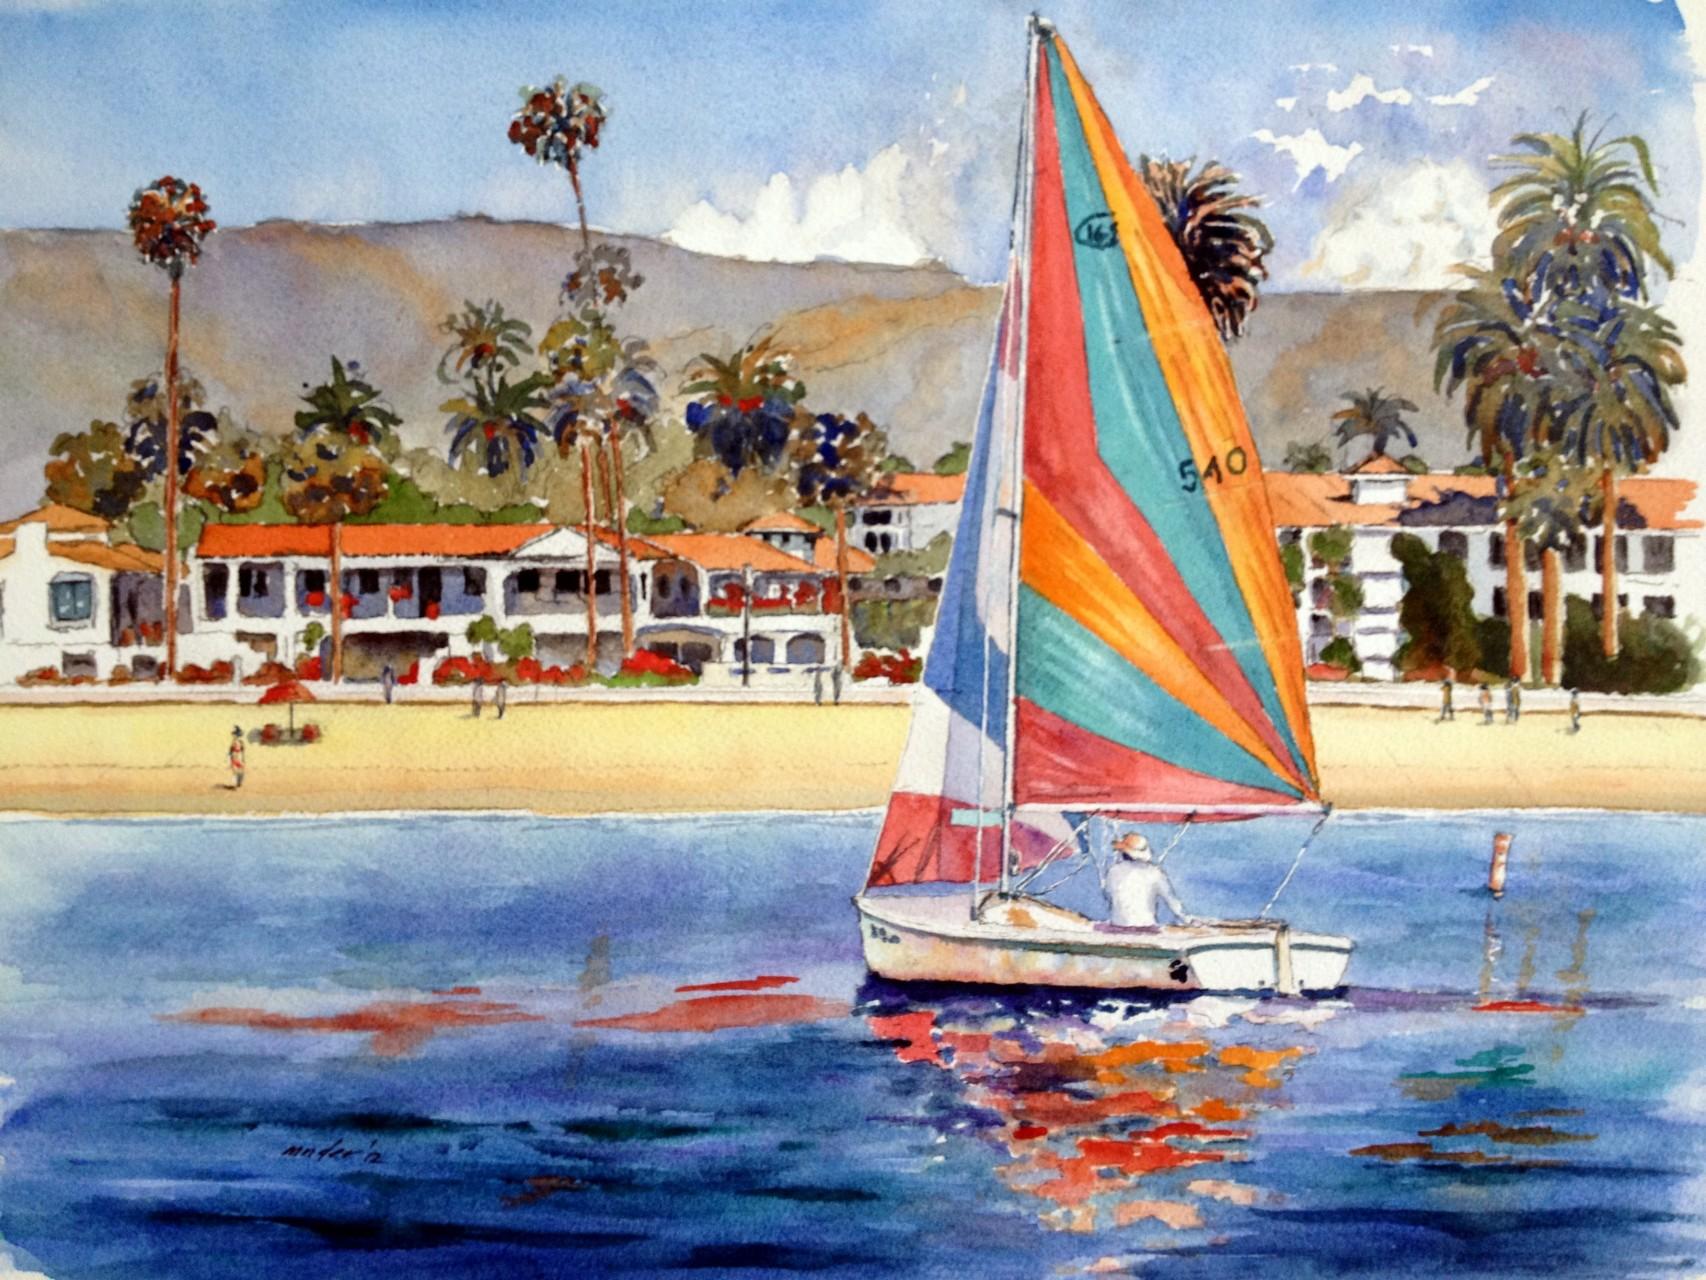 West Beach Sail